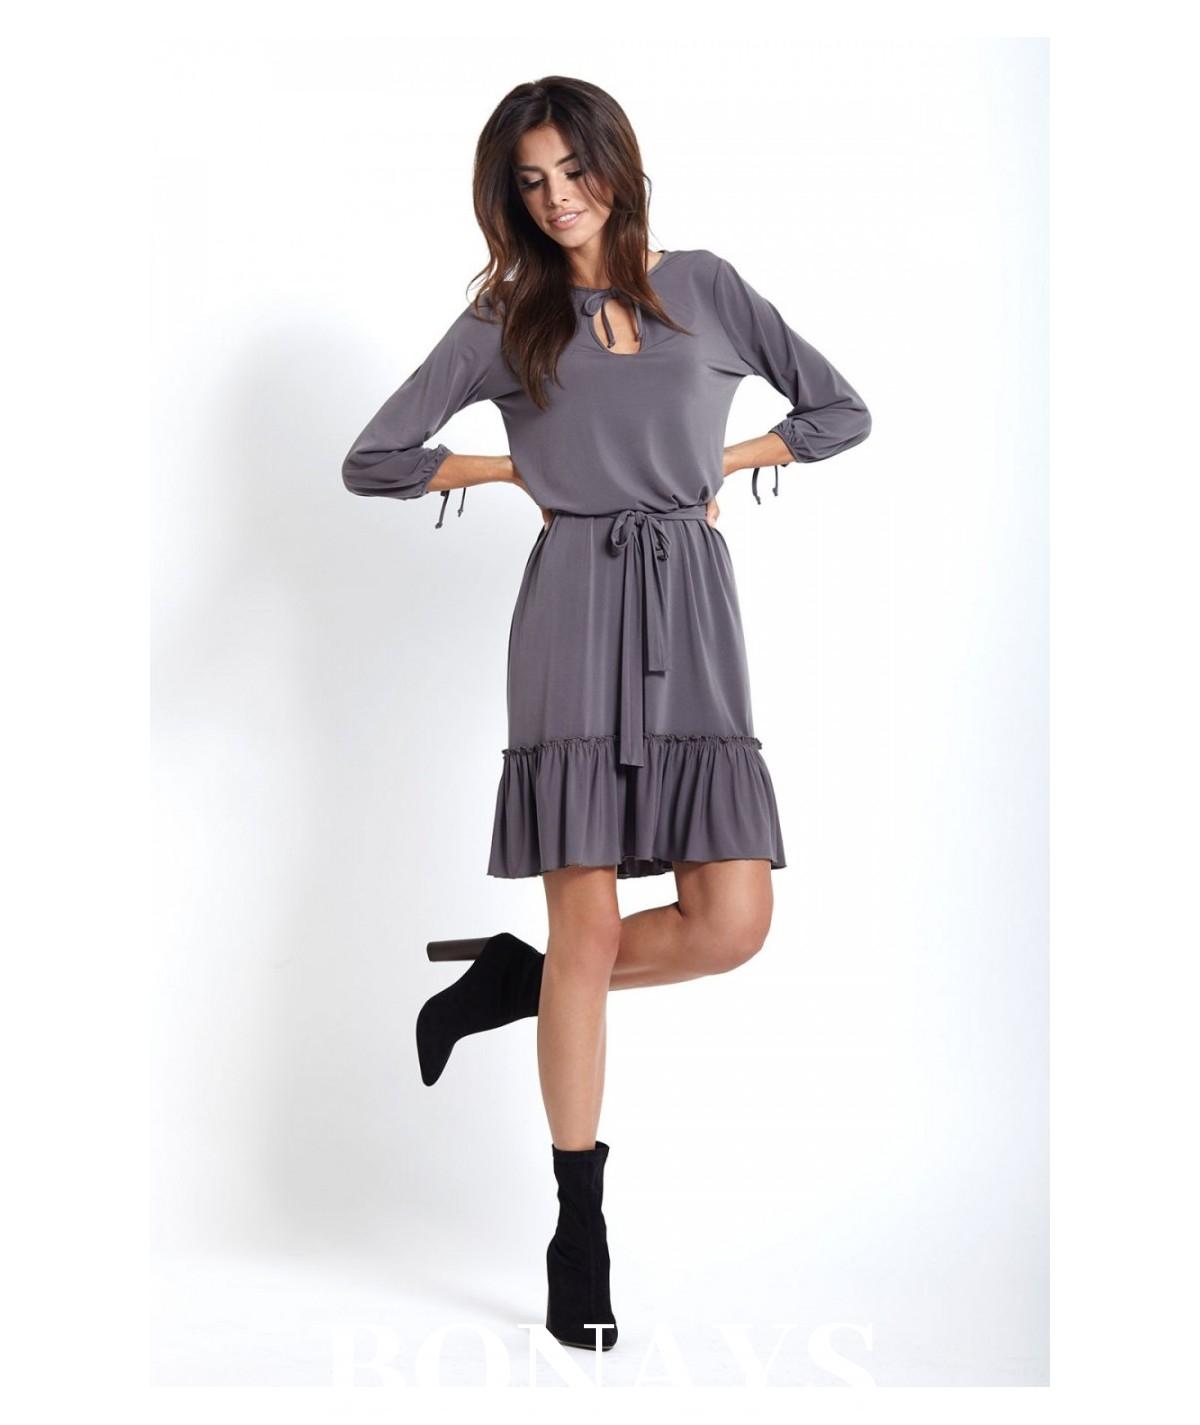 Lużna sukienka z dekoltem w kształcie litery V